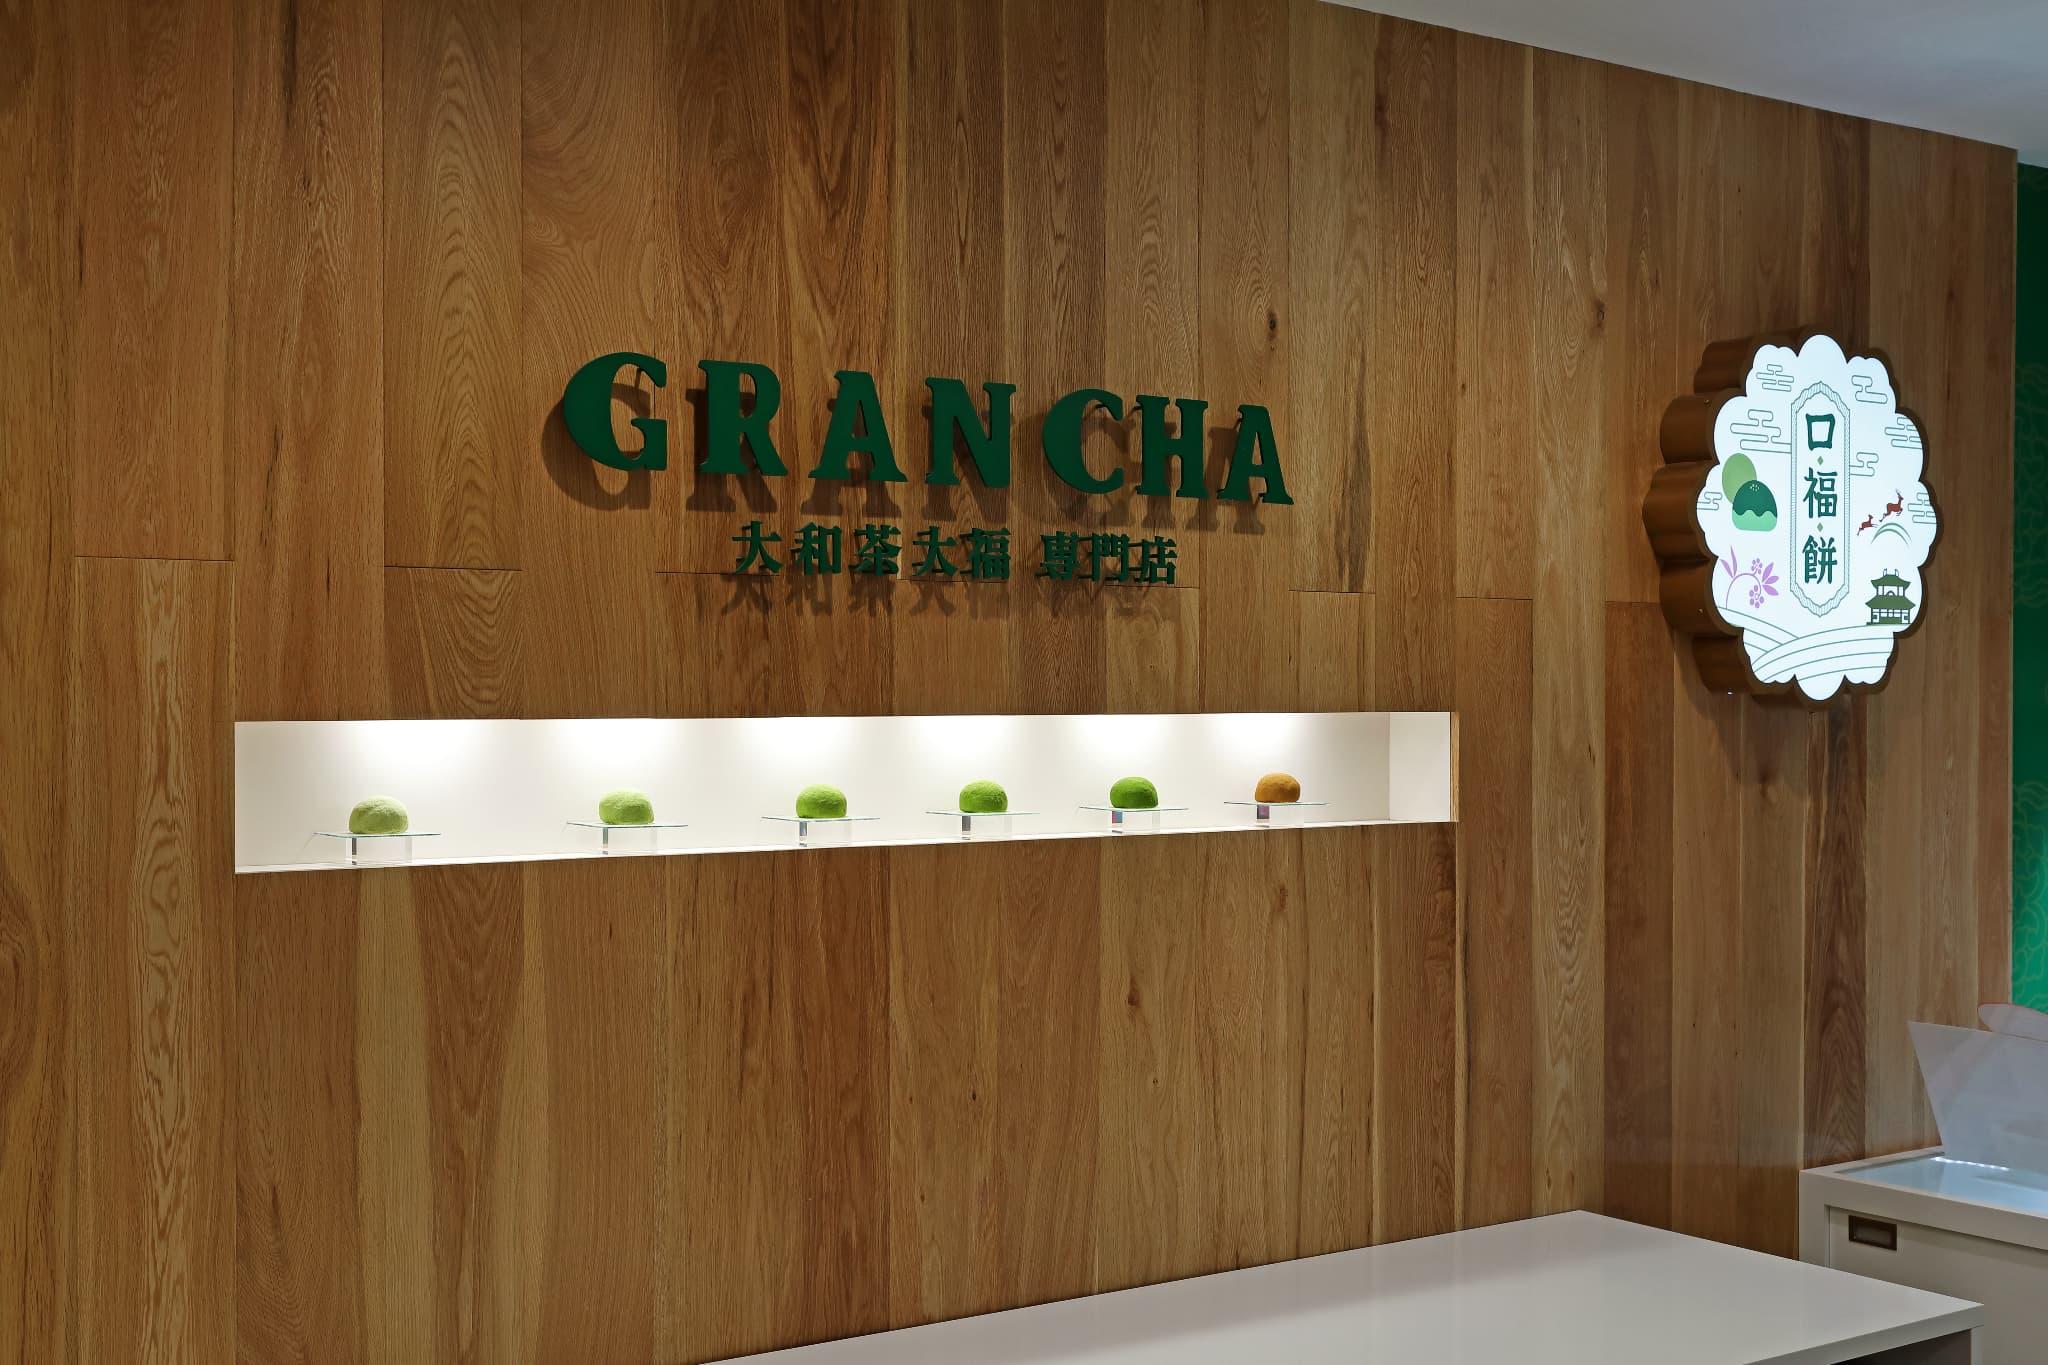 GRANCHA